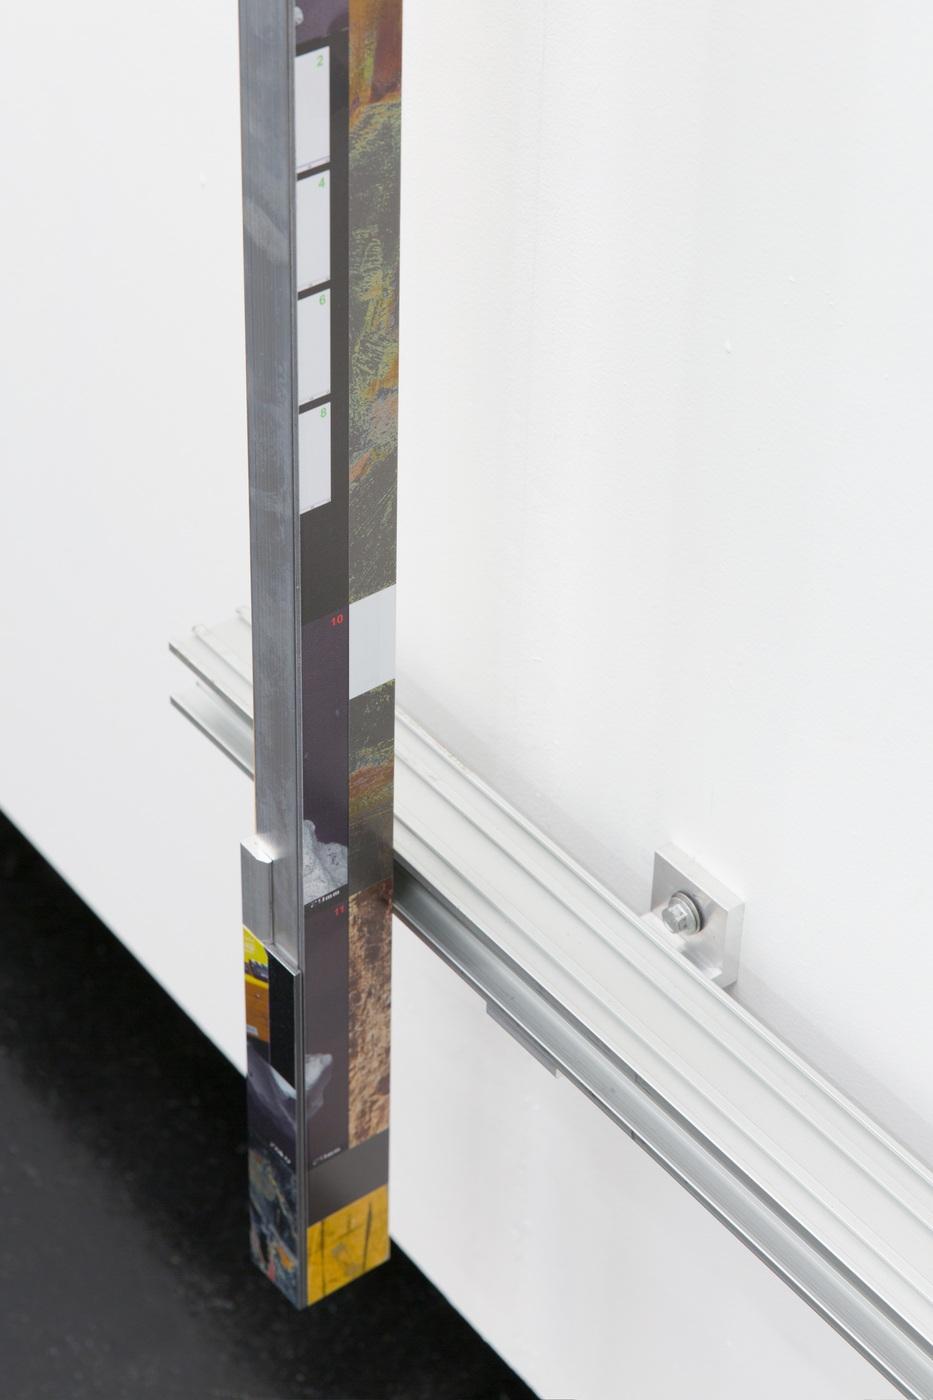 Joe Hamilton - Canary on Rails - Detail 1D4A2921